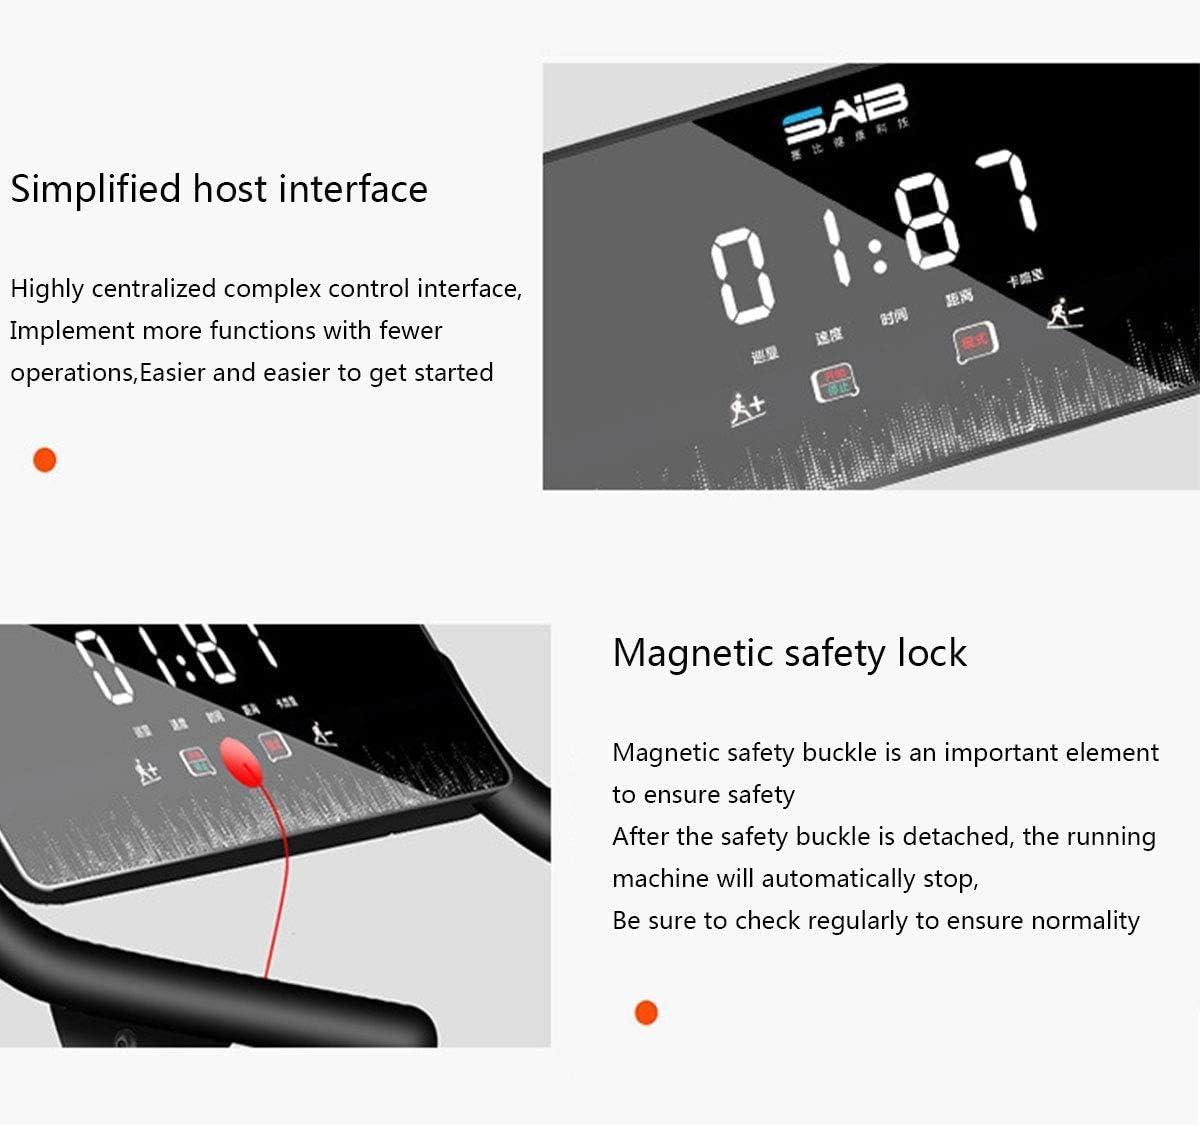 Weiming Tapis Roulant /électrique Vitesse r/églable adapt/é /à Un Usage Domestique//Professionnel 1-10 km//h supportant jusqu/à 200 kg Affichage num/érique LCD Tapis Roulant Pliable pour la Maison